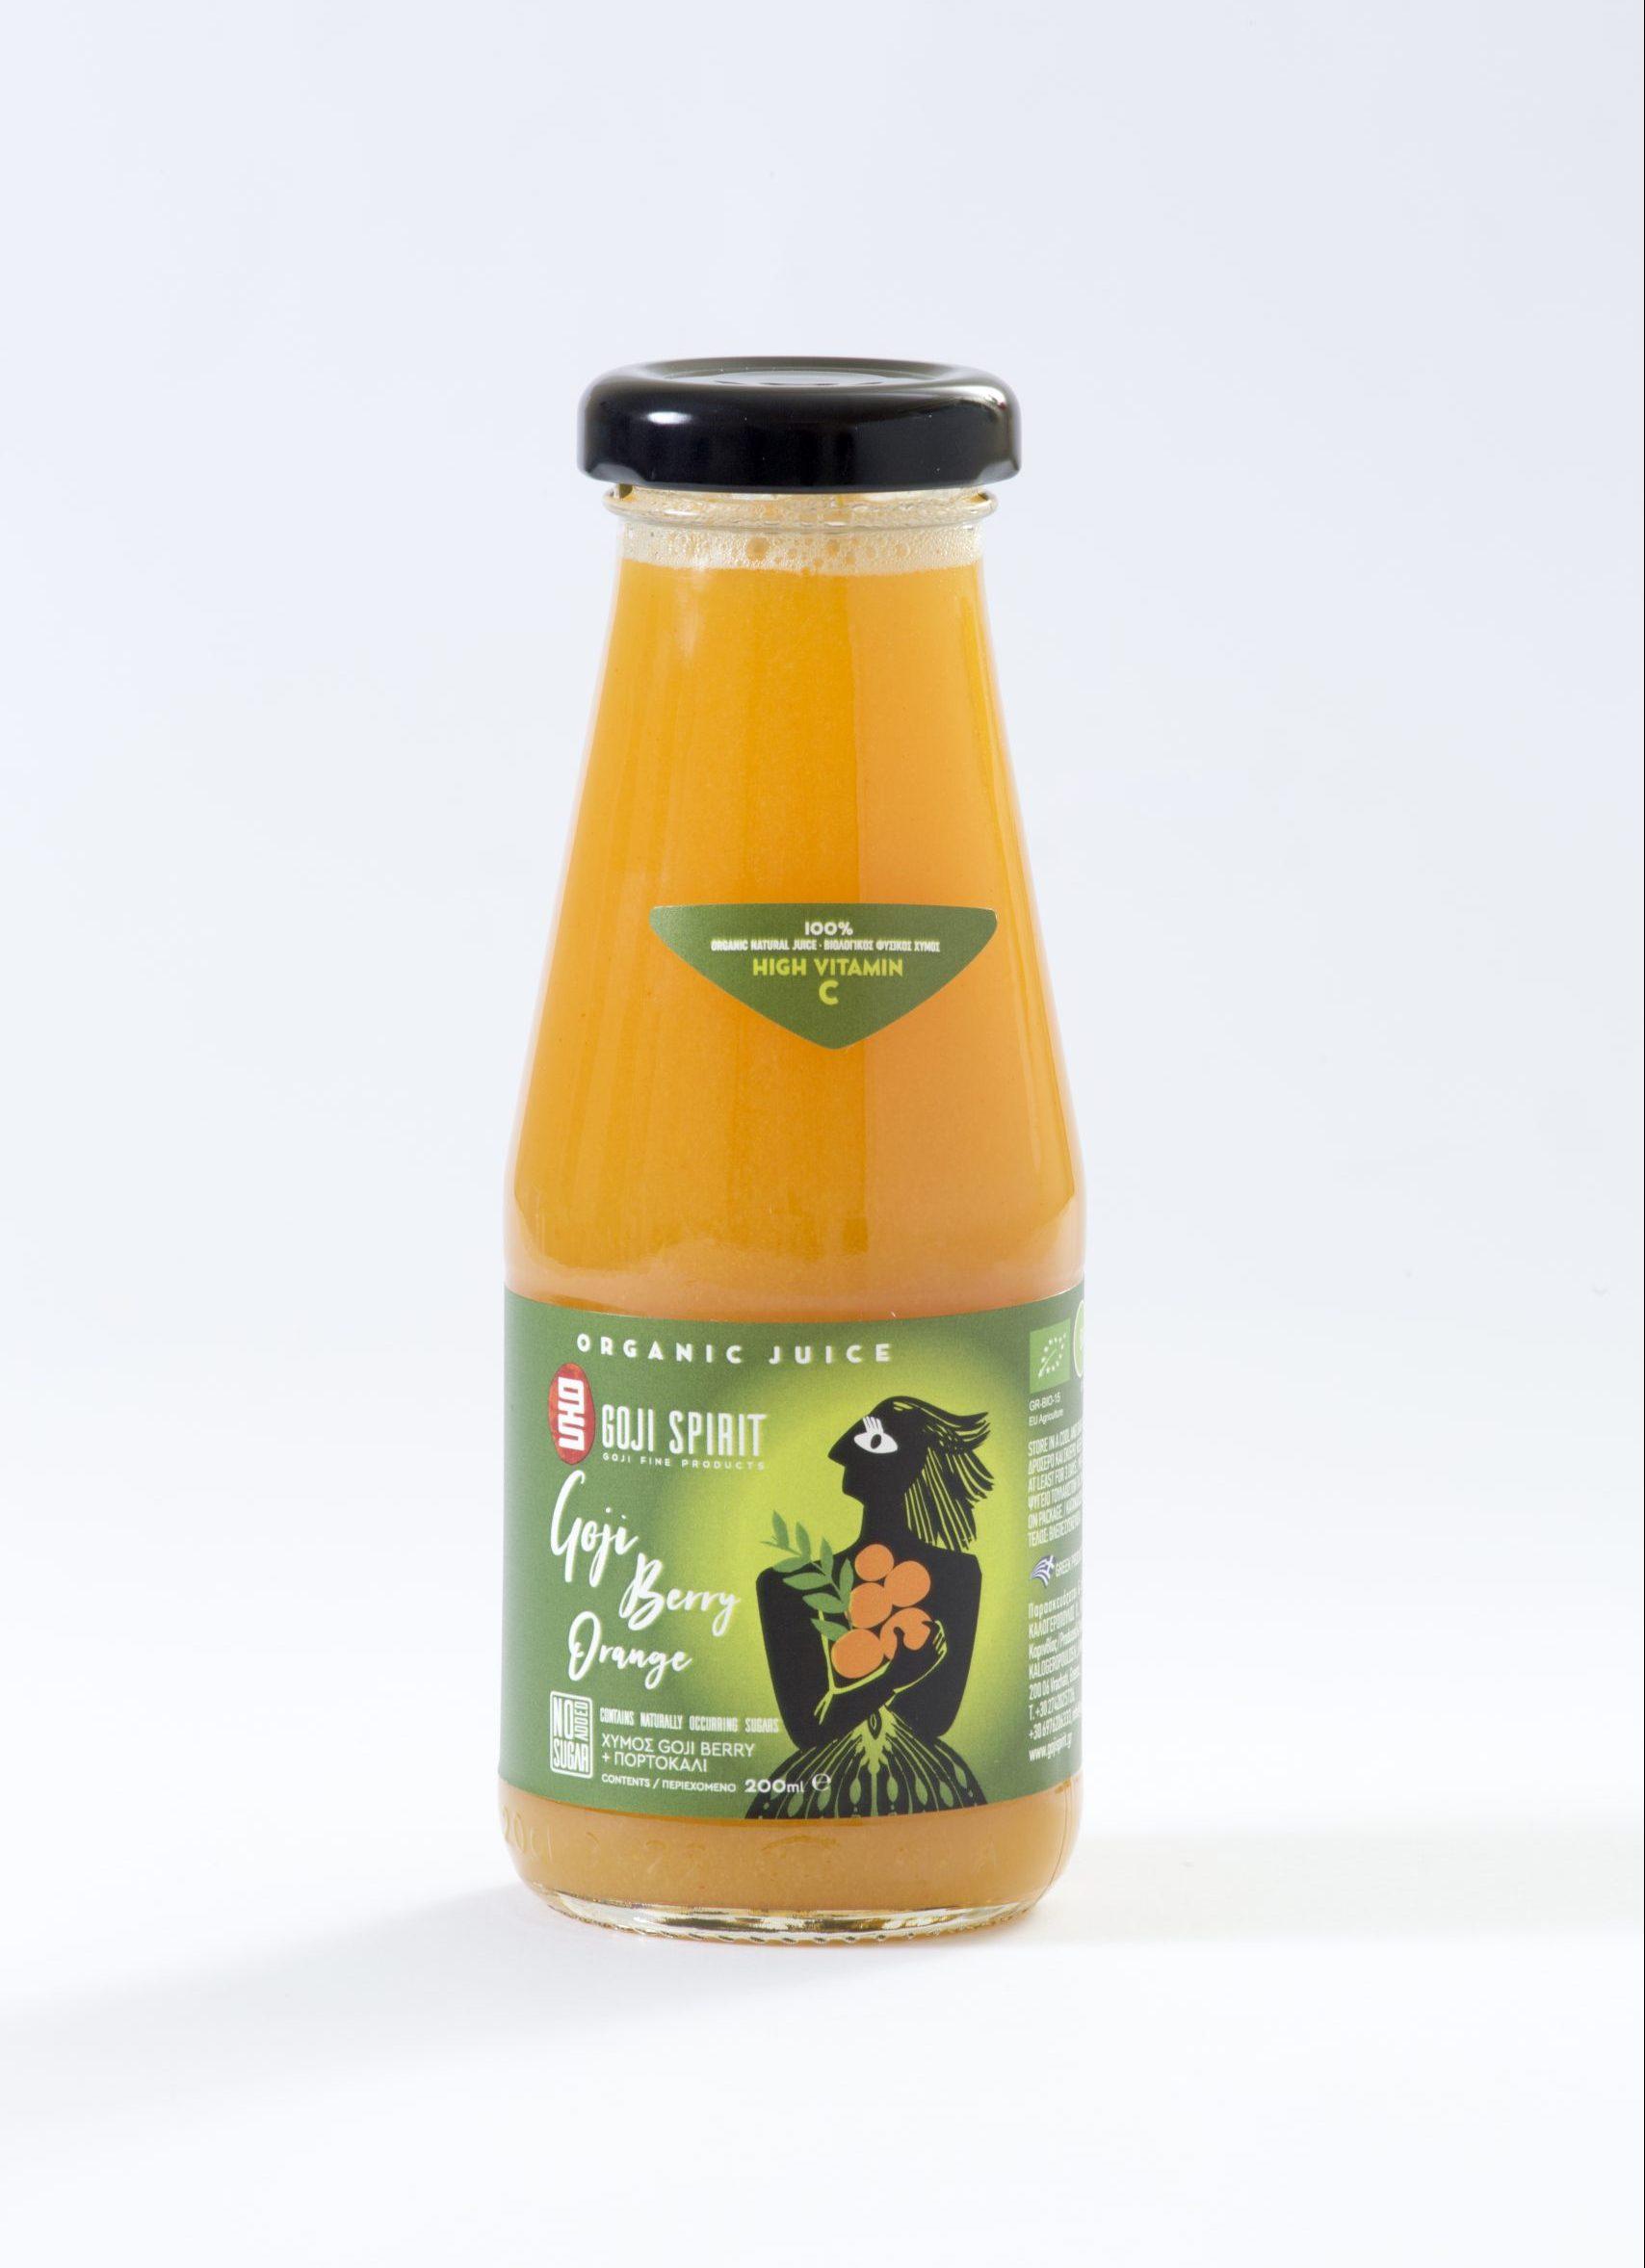 Βιολογικός Χυμός Goji Berry με Πορτοκάλι (200 ml)